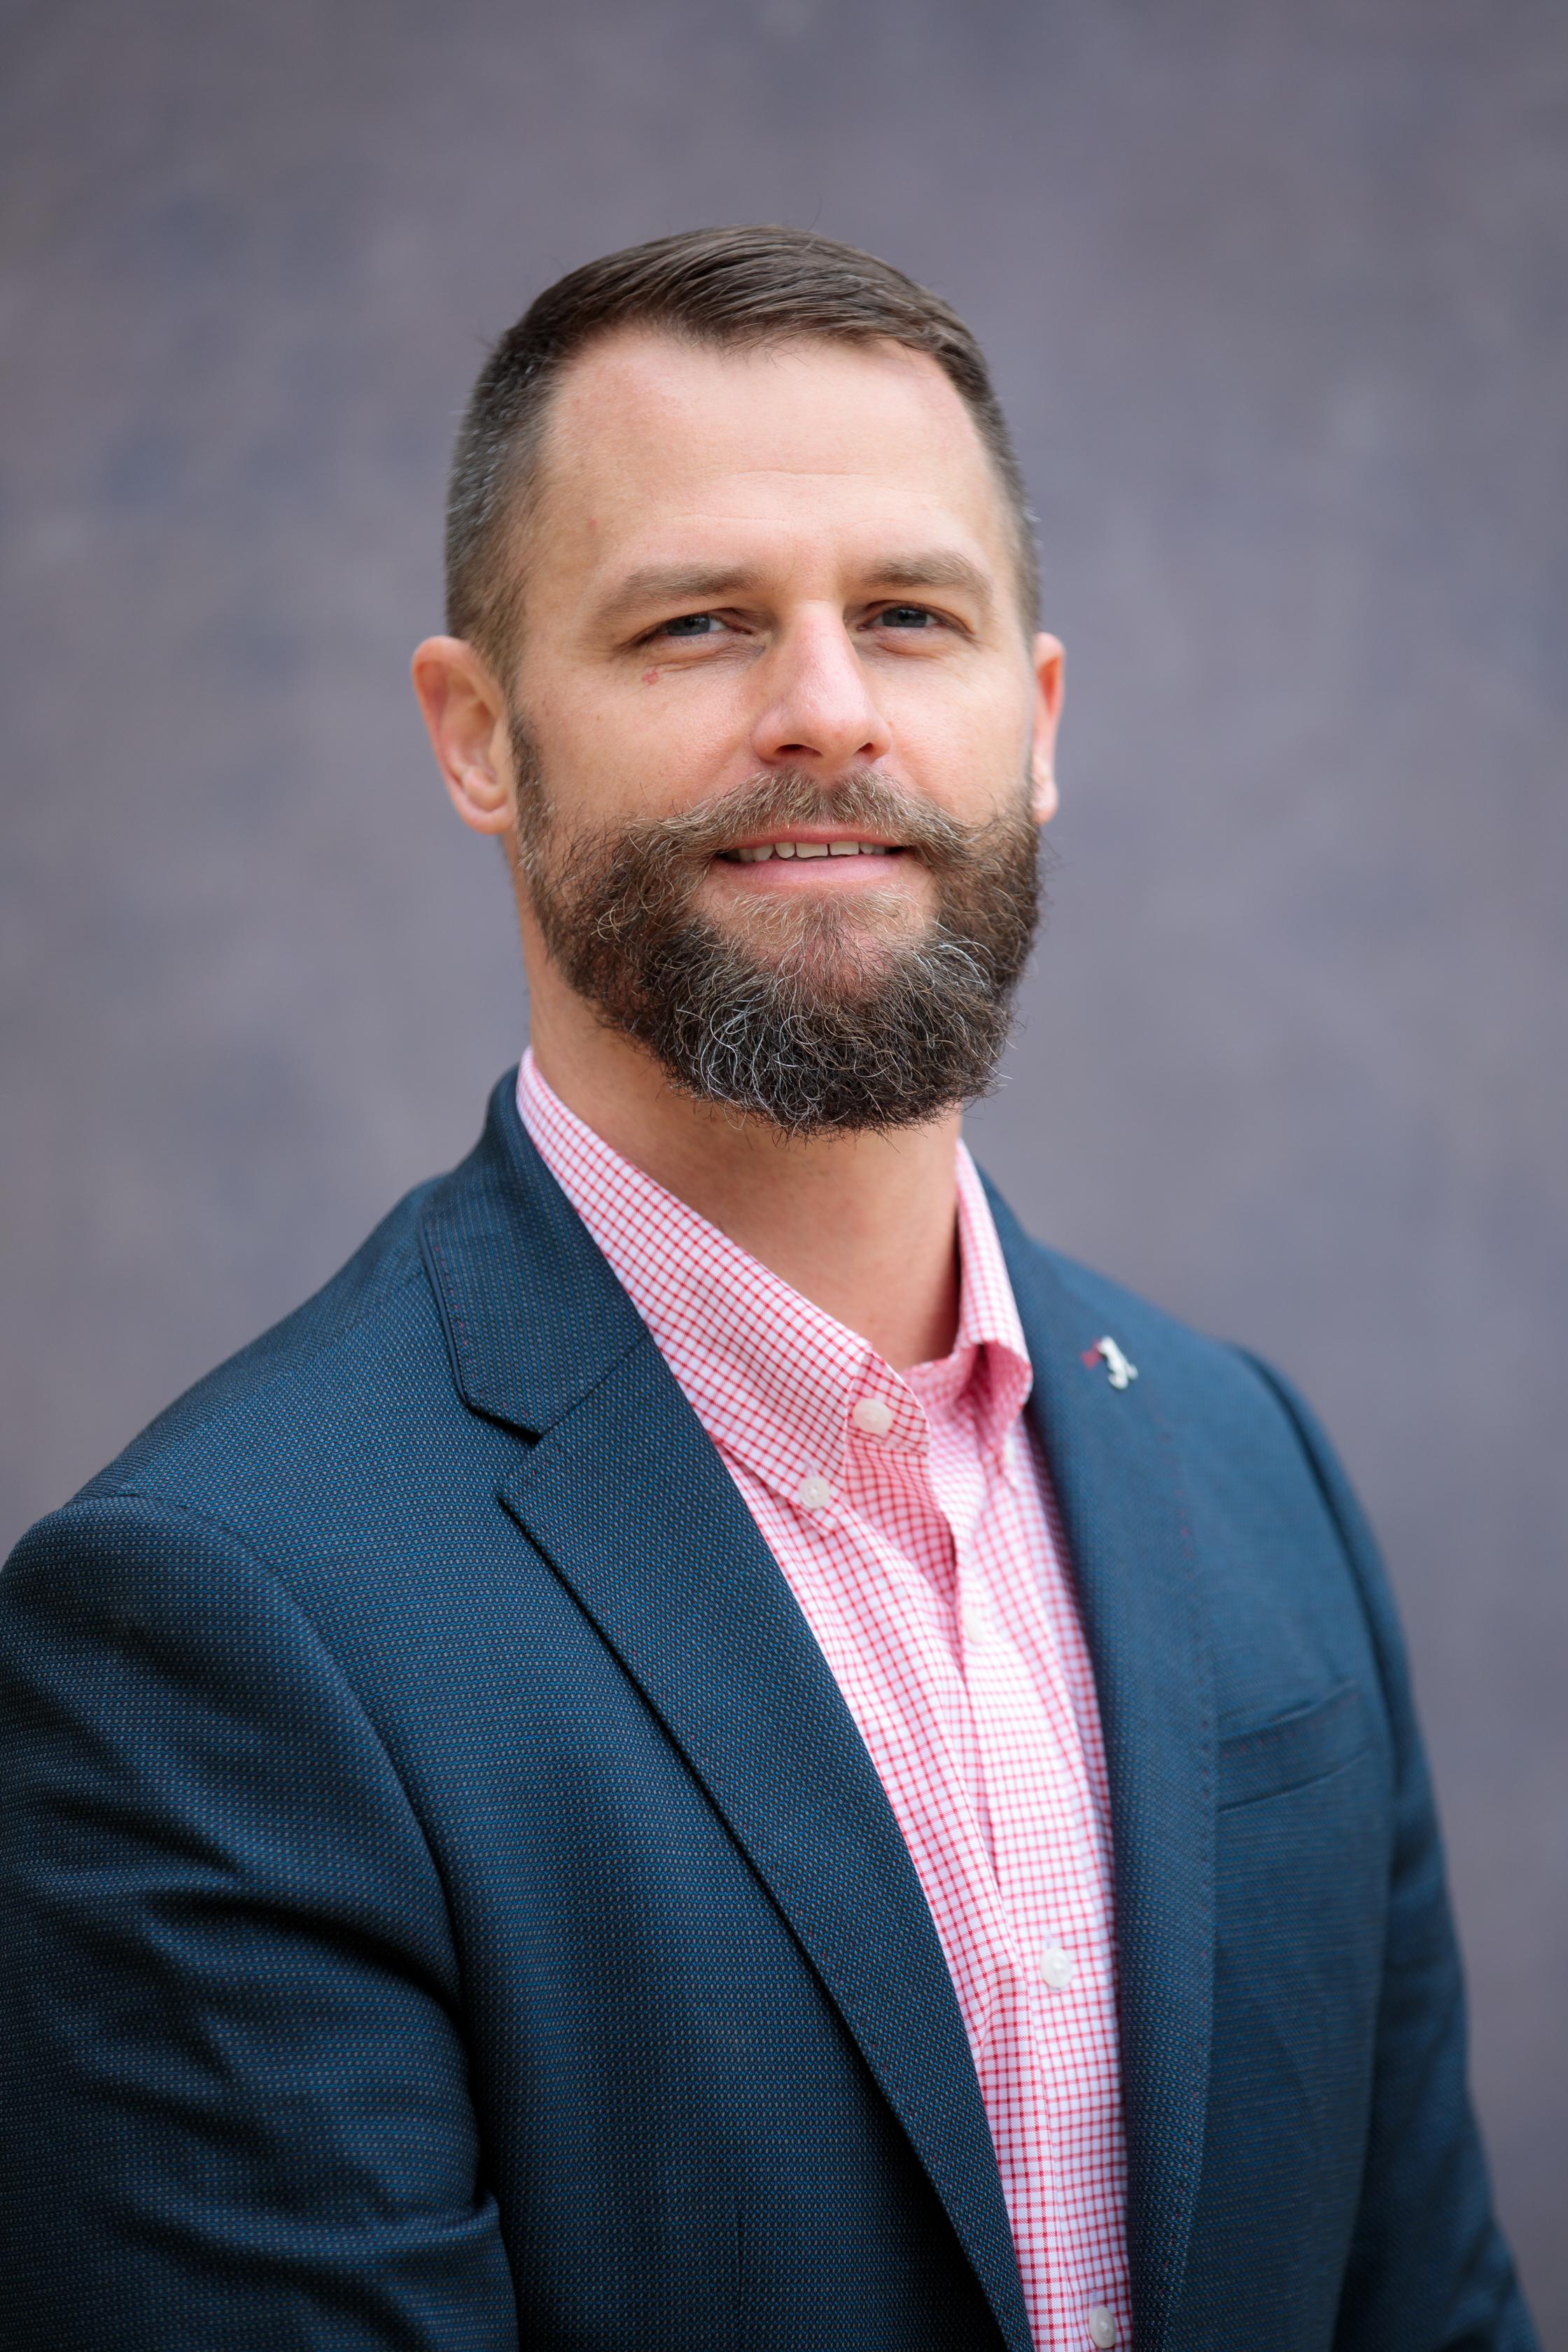 Brian J. Gorman